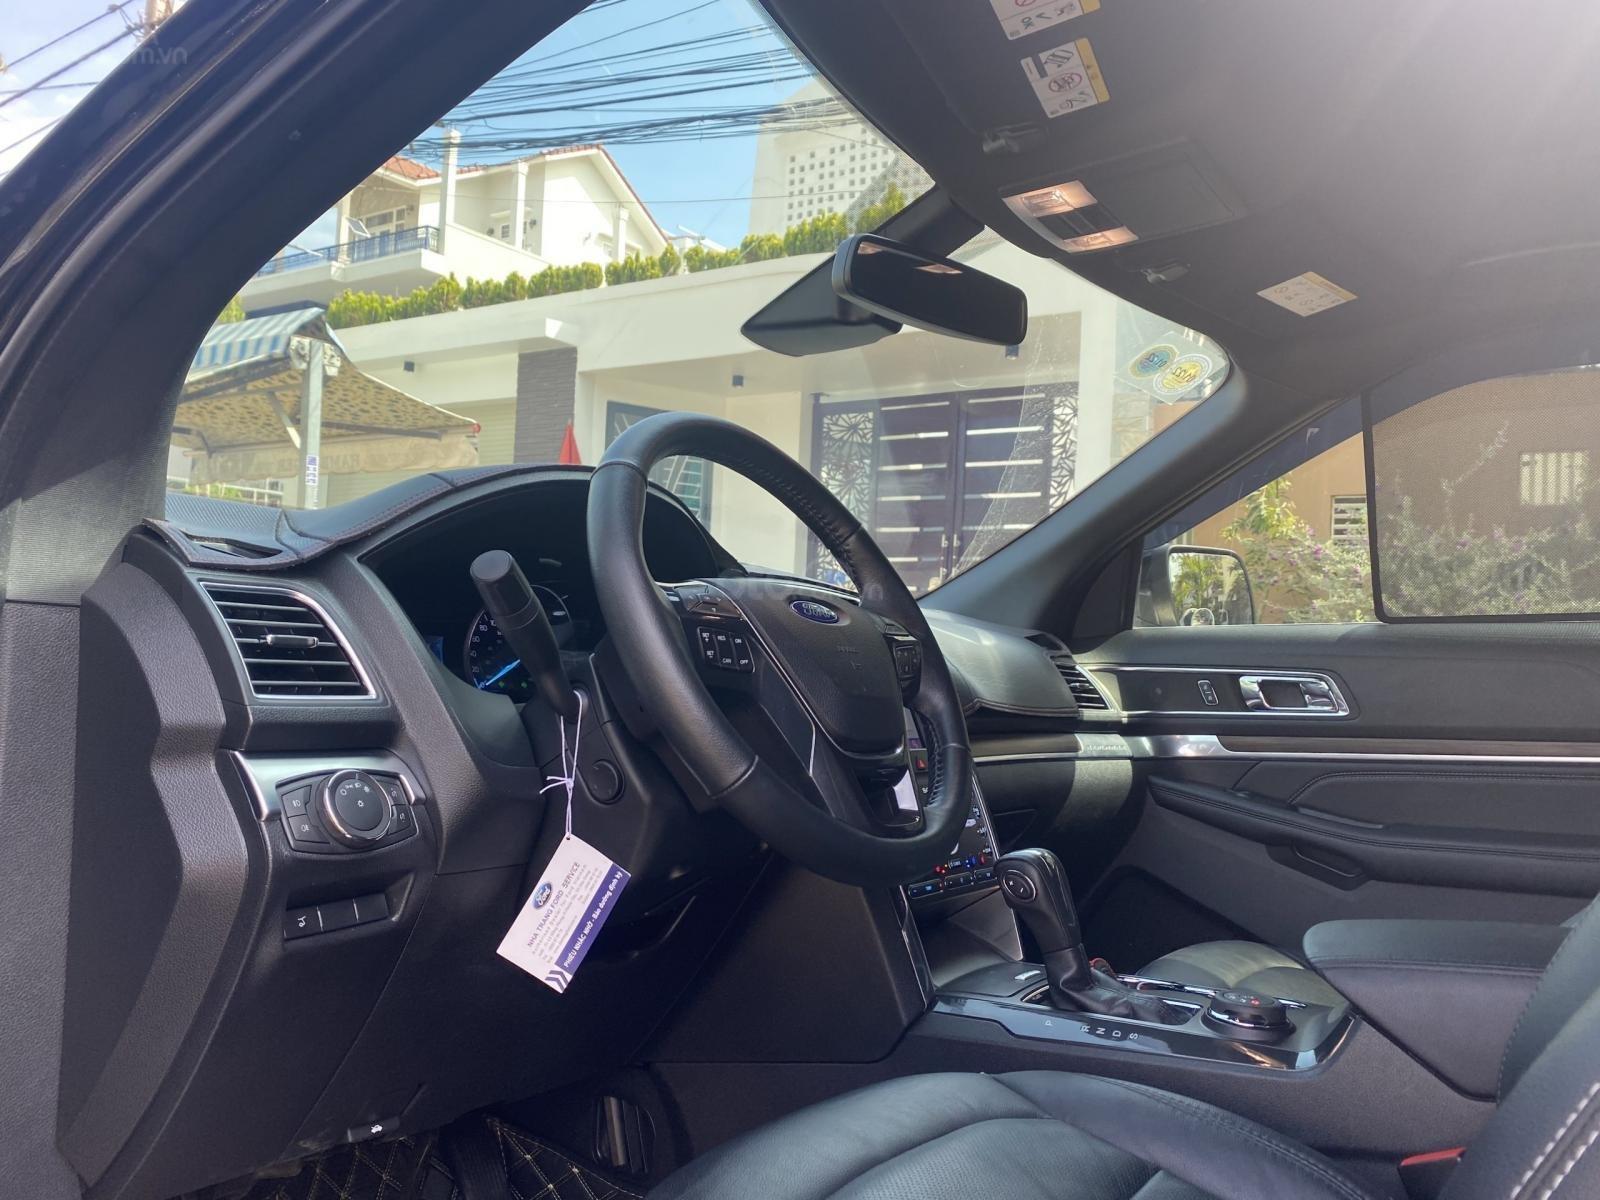 Ford Explorer đen 2019 phong cách đầy mạnh mẽ (7)